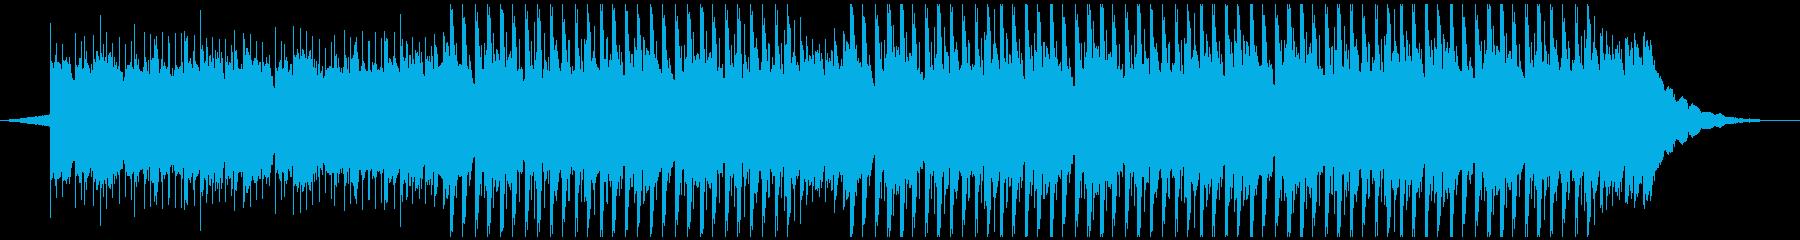 感動のコーポレート(ショート)の再生済みの波形